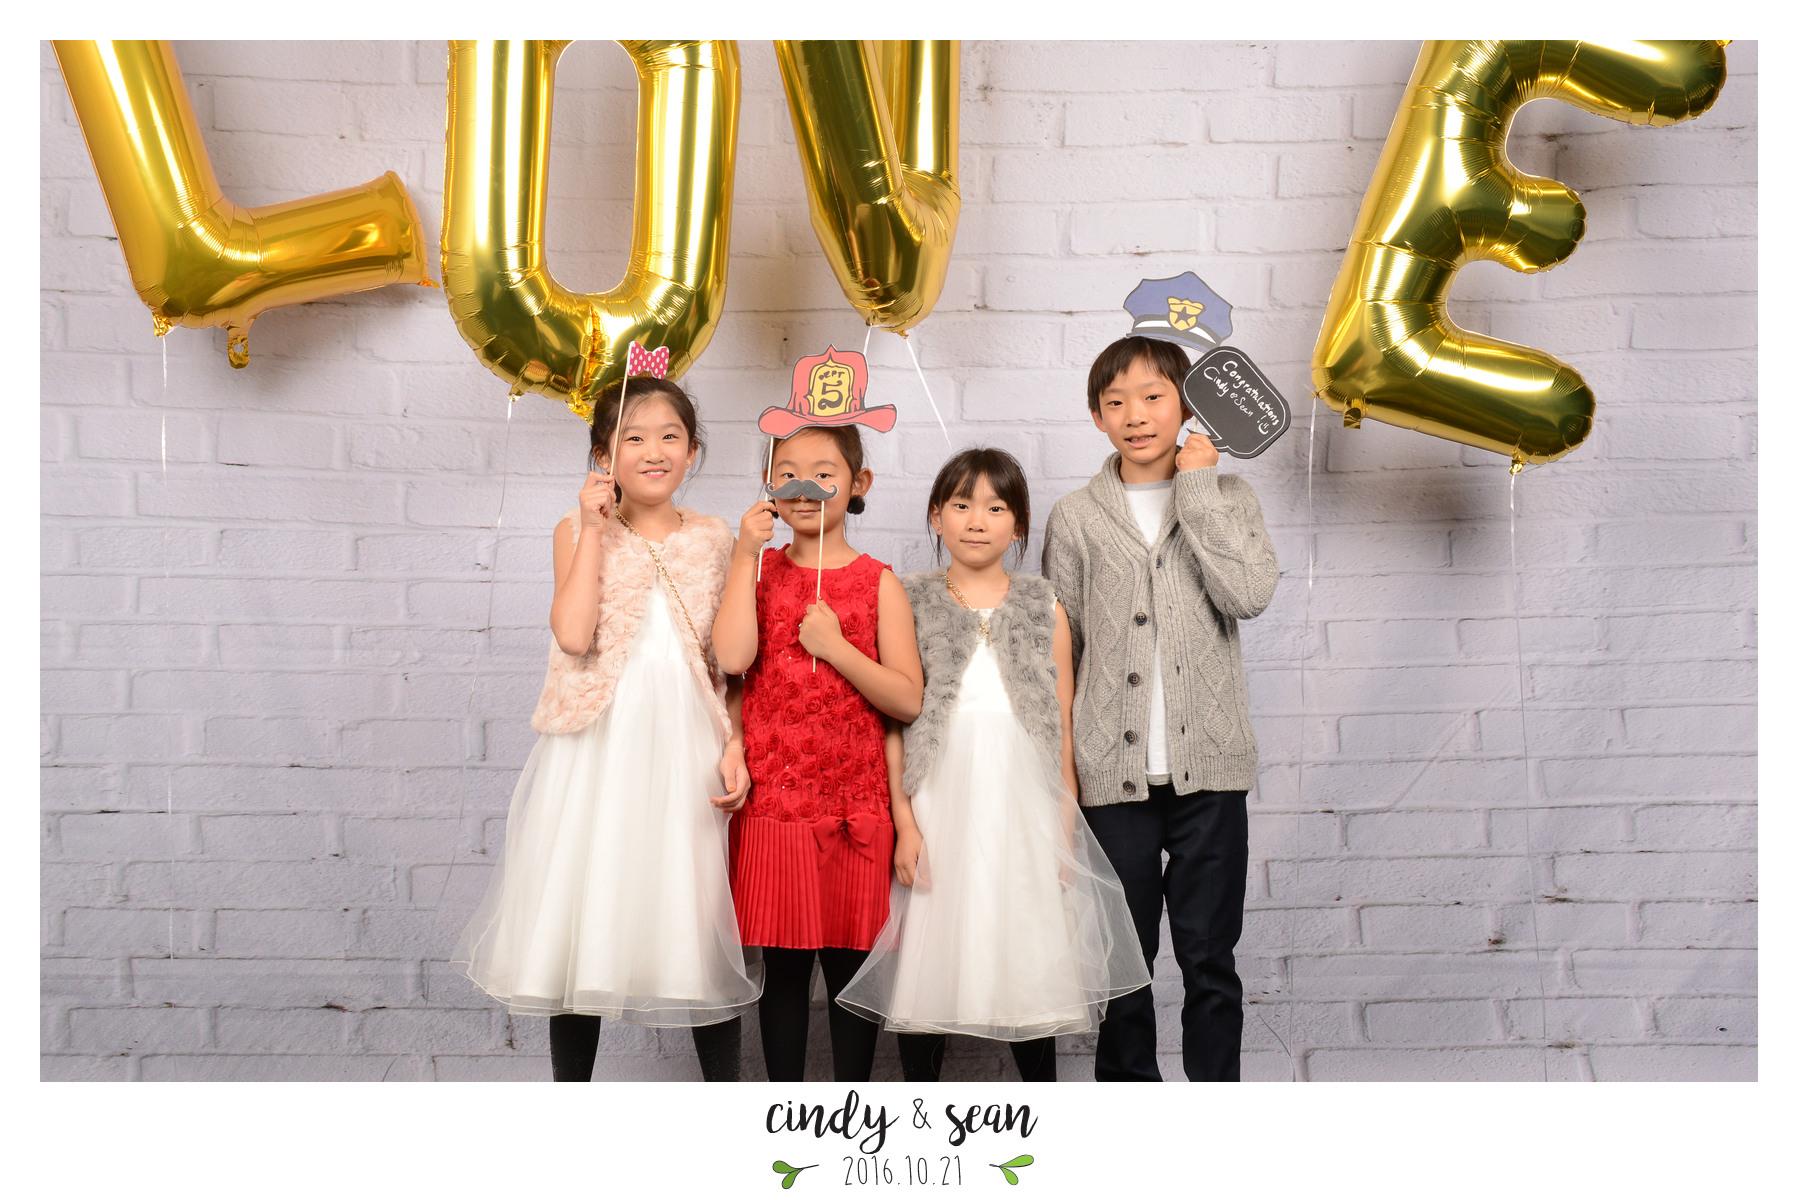 Cindy Sean Bae - 0001-70.jpg